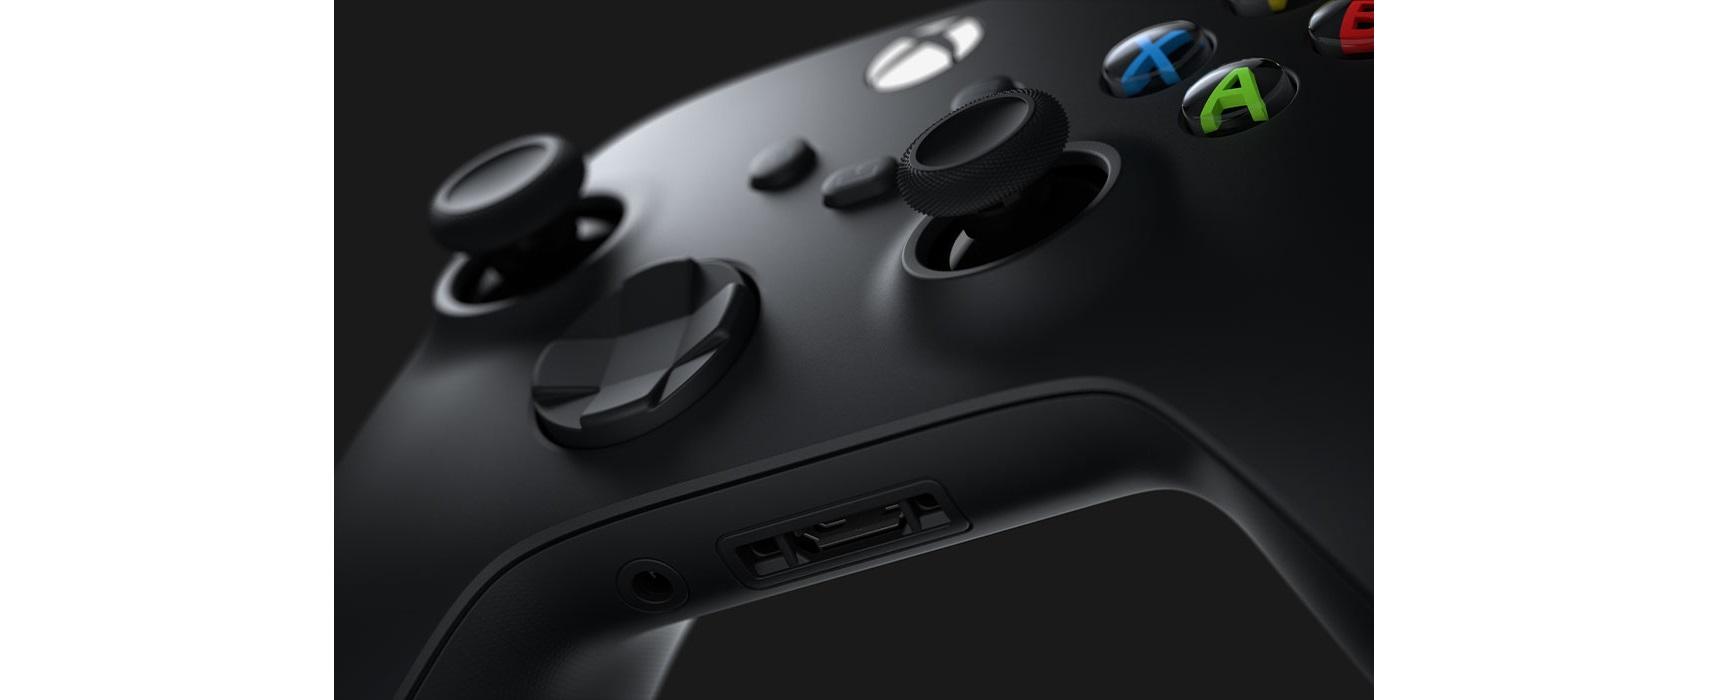 Tay cầm chơi game Xbox Series X Controller - Shock Blue tương thích với nhiều thiết bị, có thể cắm tai nghe 3.5mm trực tiếp trên tay cầm